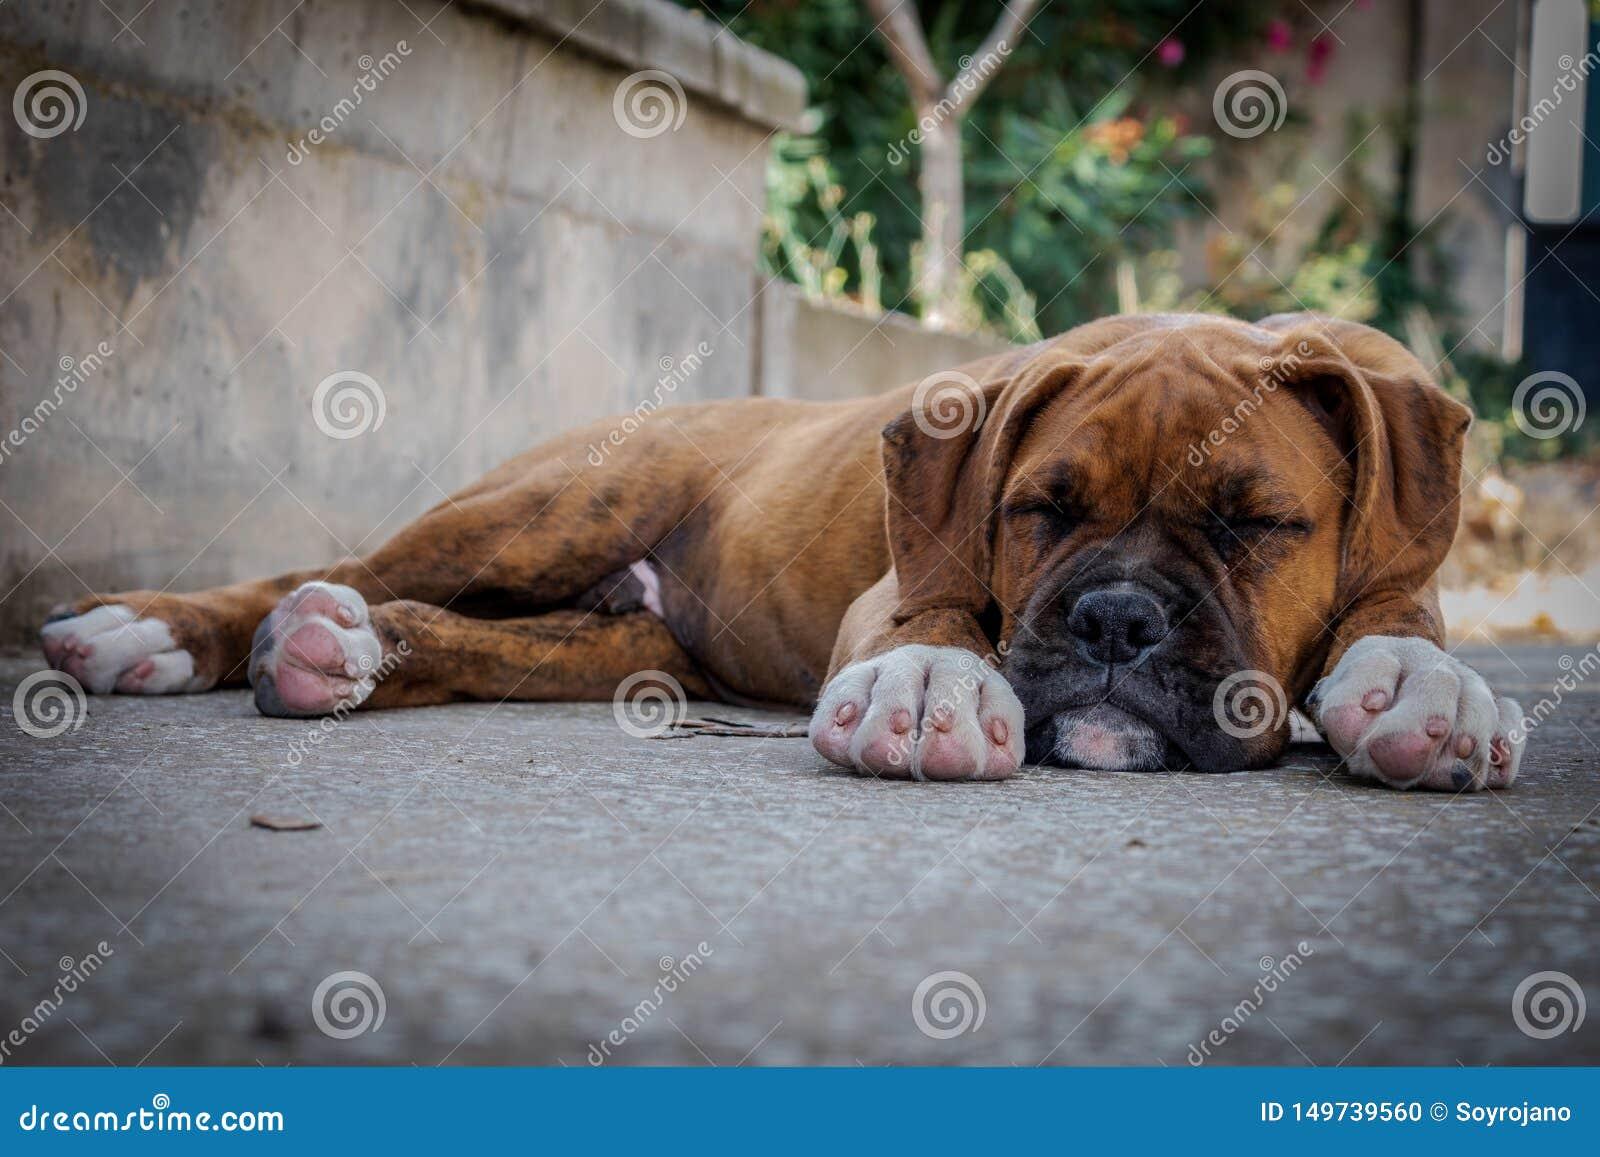 Boxer puppy sleeping in the floor